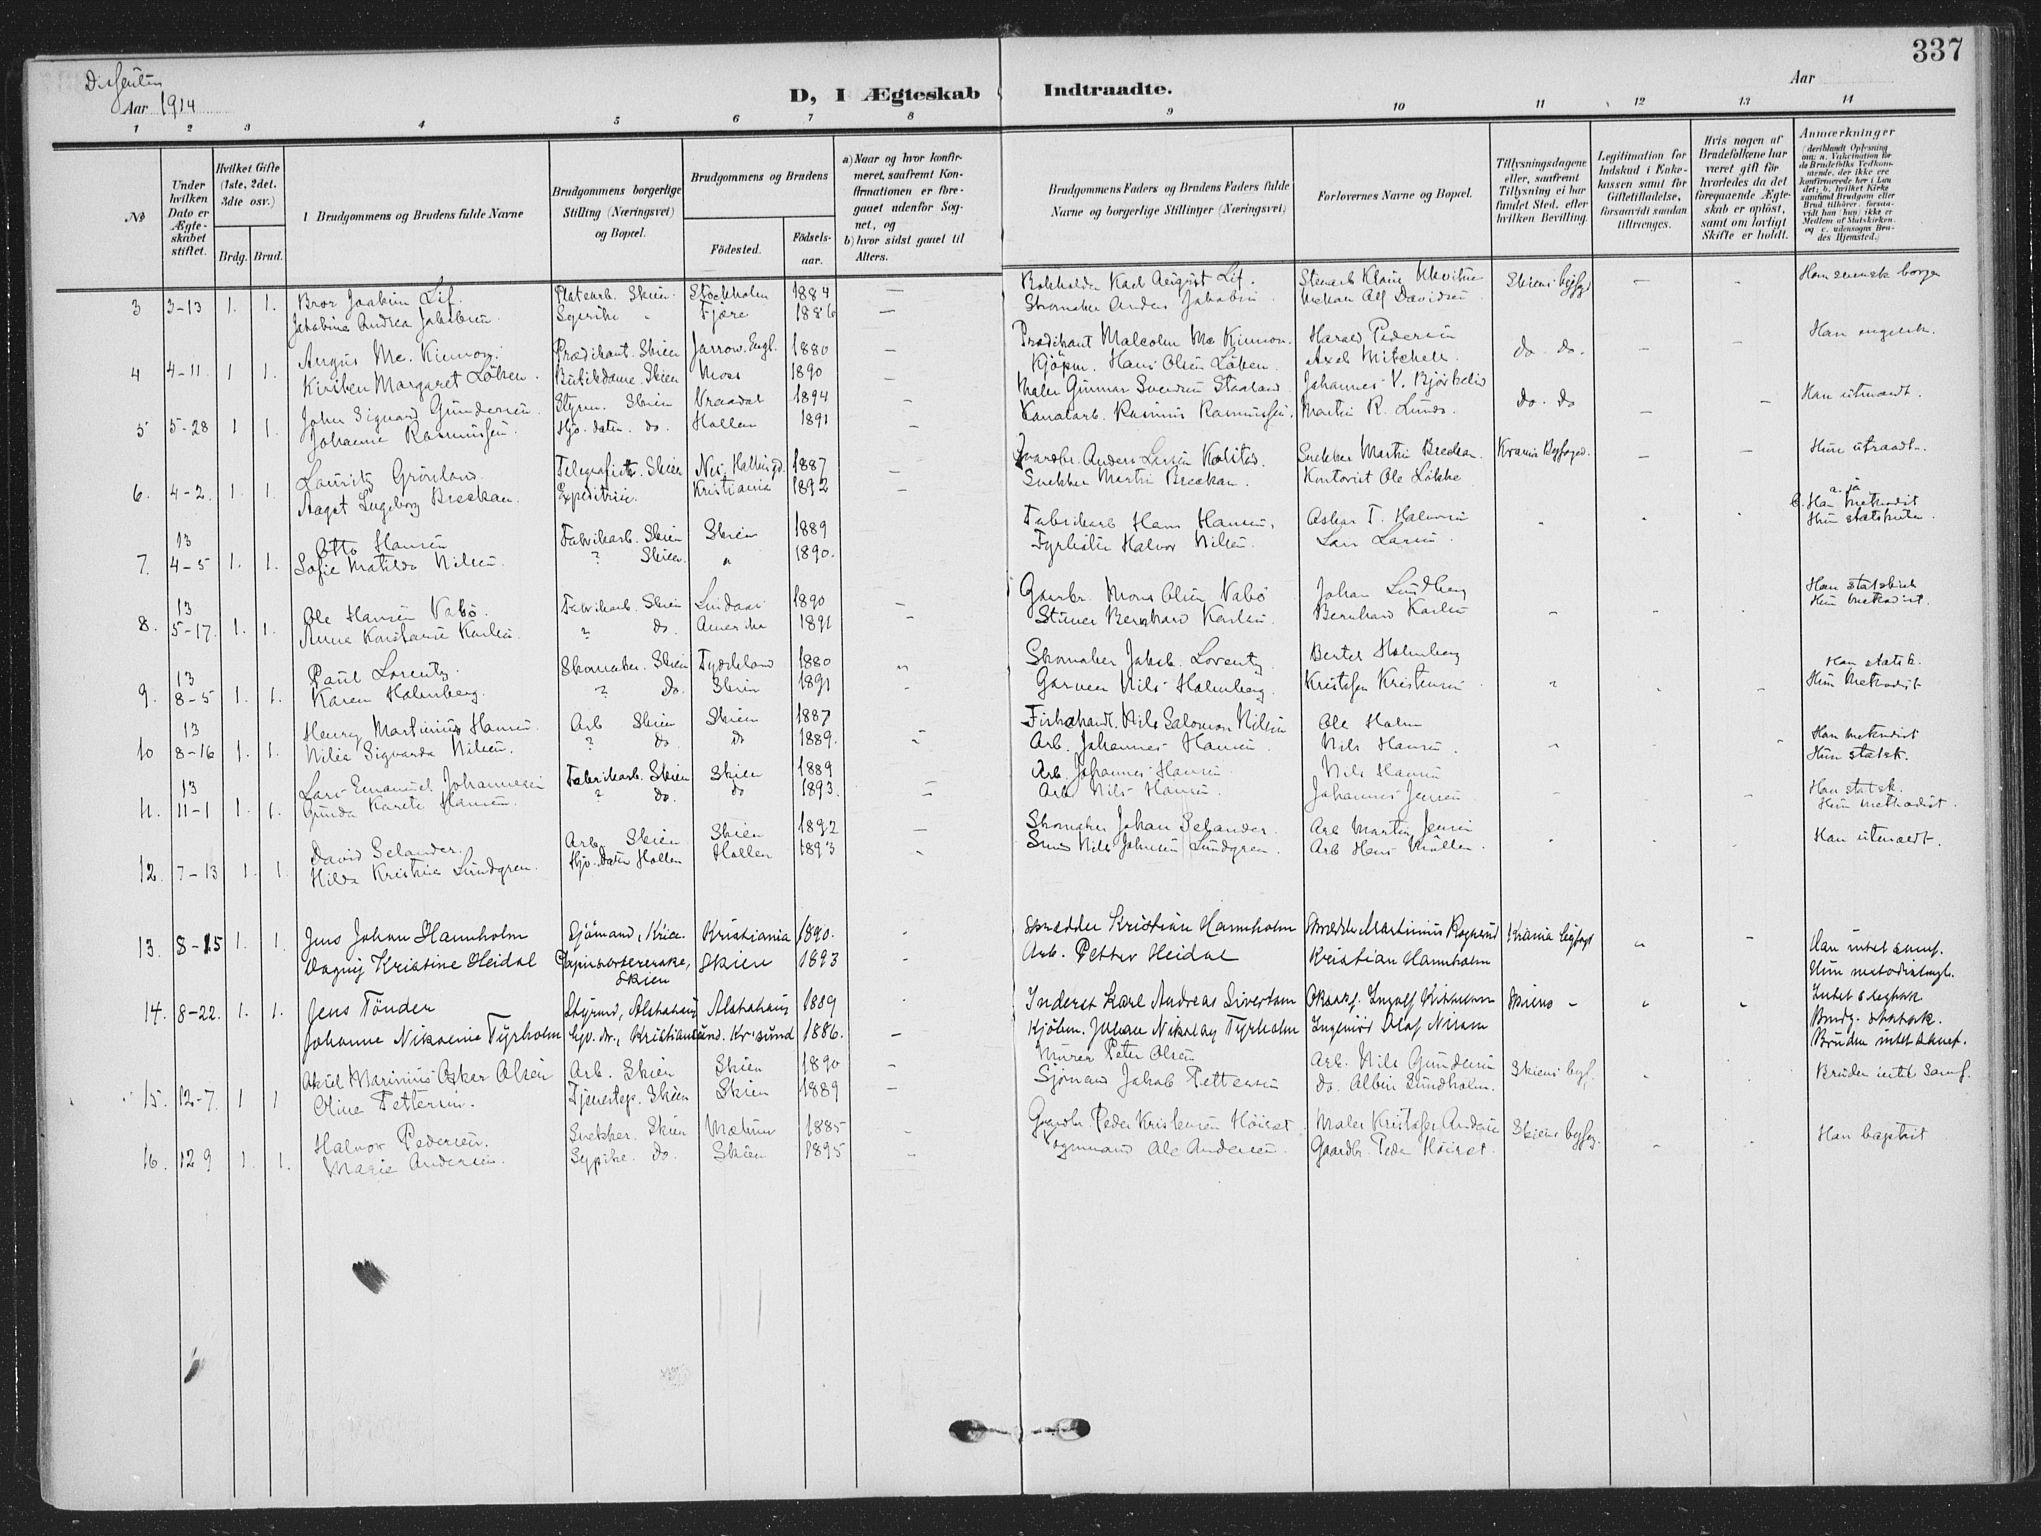 SAKO, Skien kirkebøker, F/Fa/L0012: Ministerialbok nr. 12, 1908-1914, s. 337